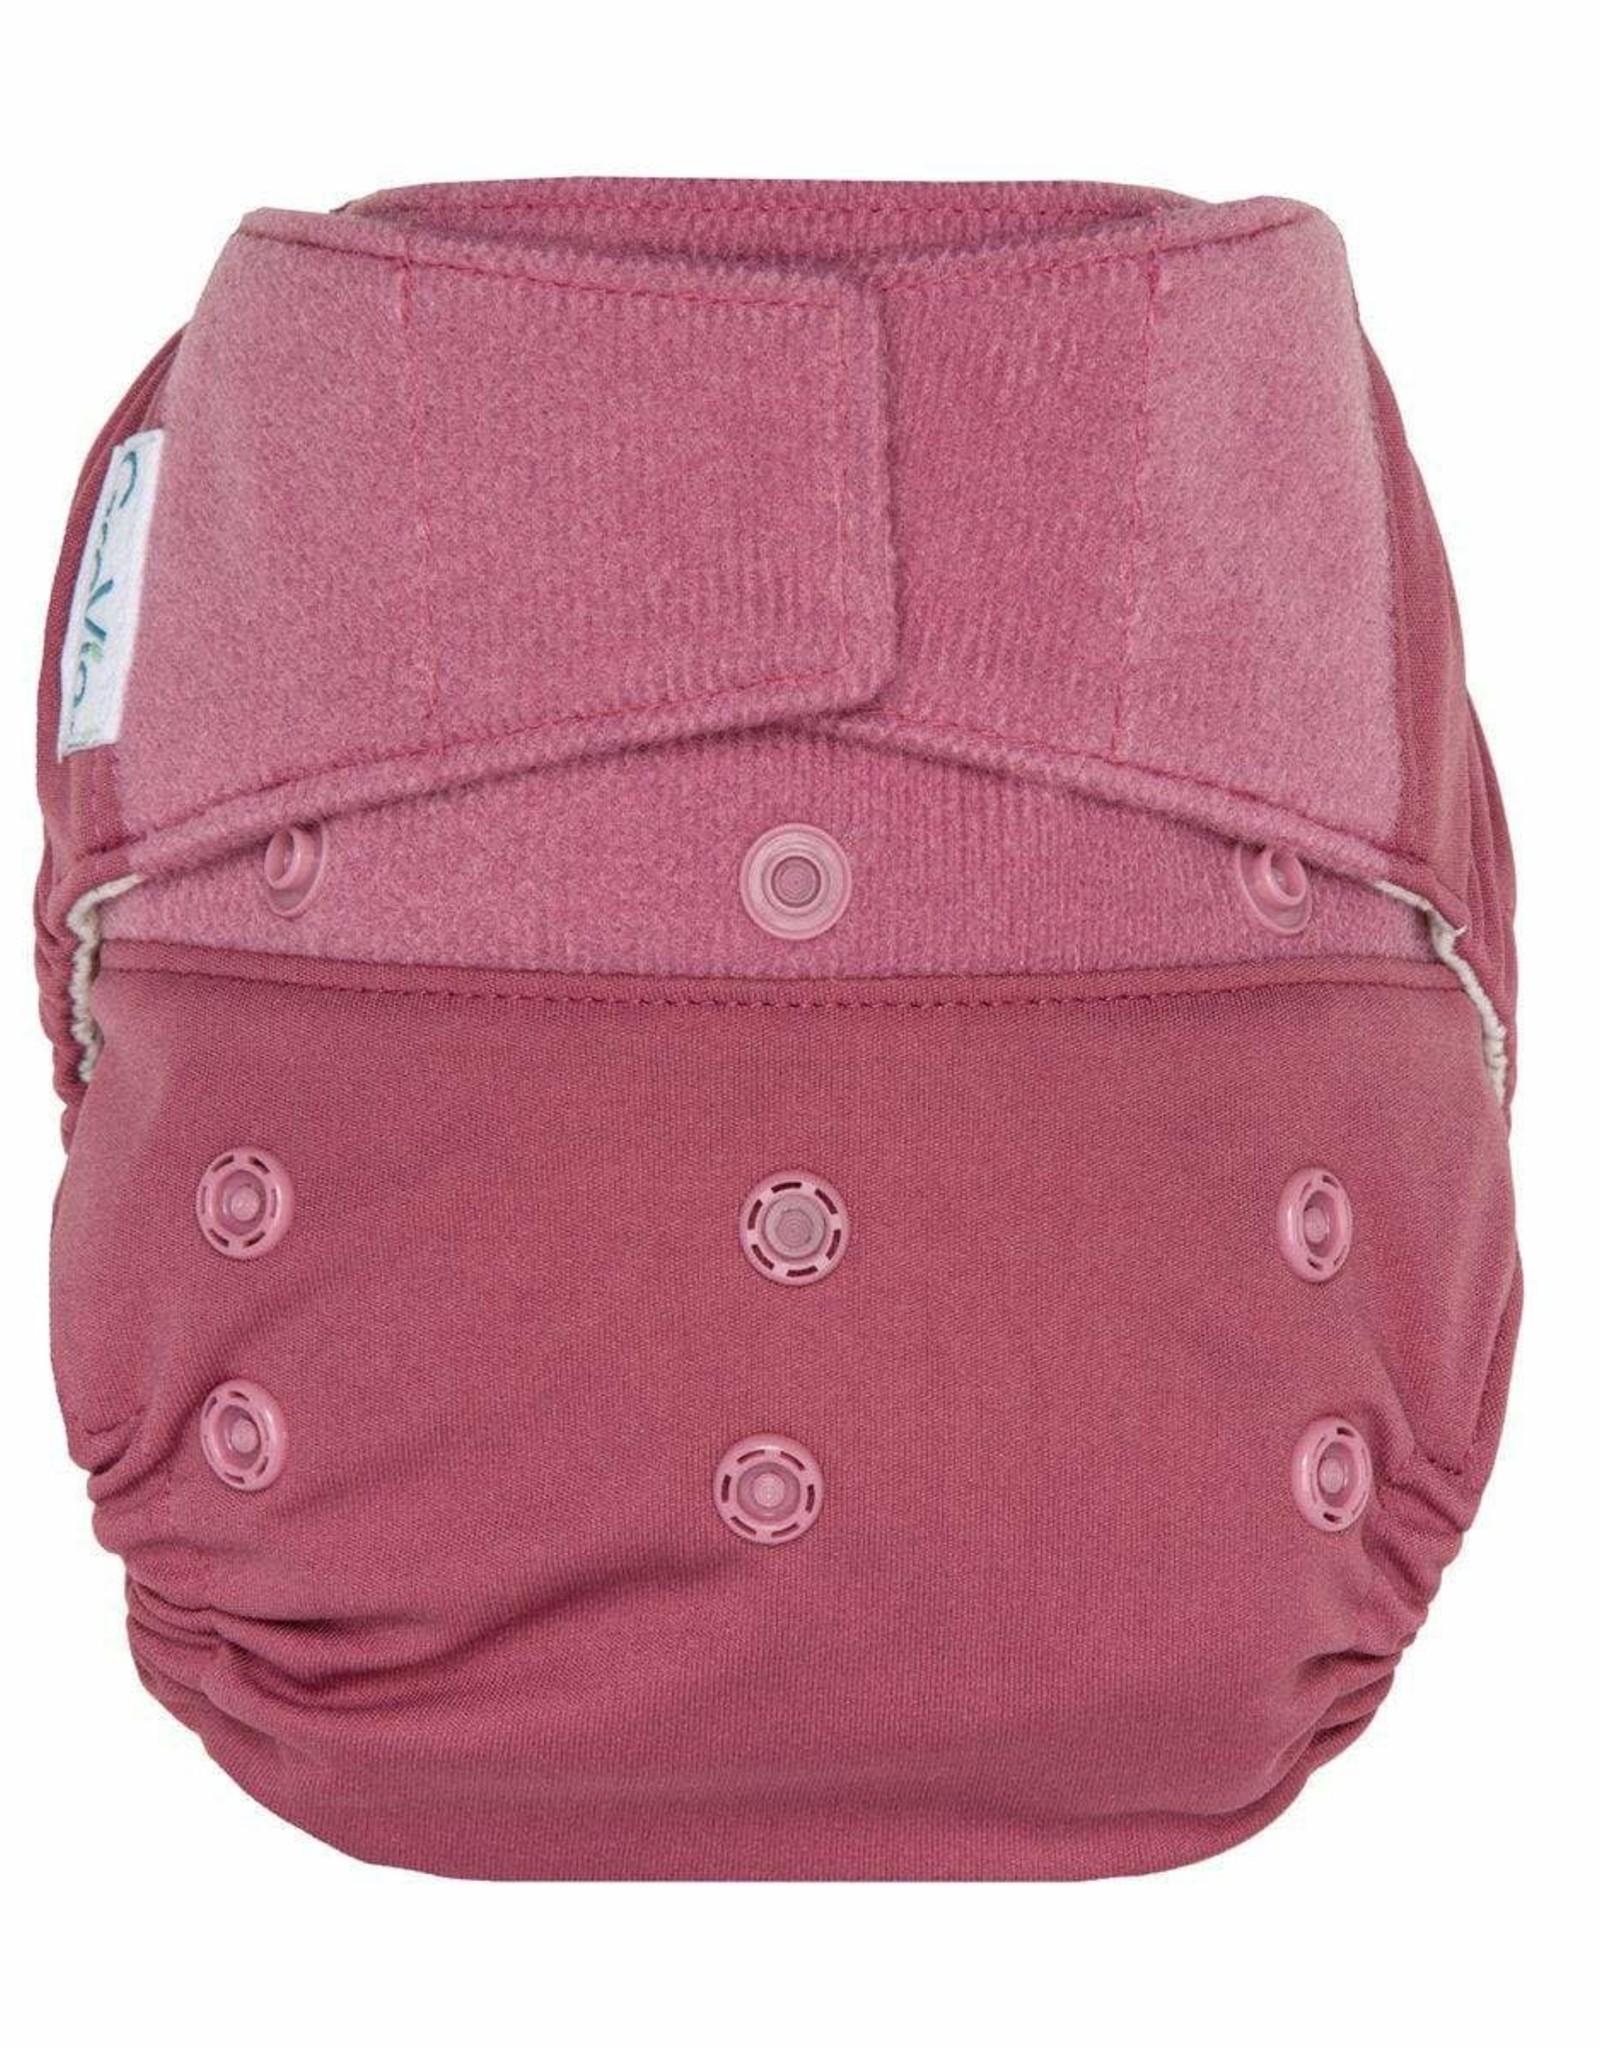 Hook & Loop Hybrid Cloth Diapers- Petal